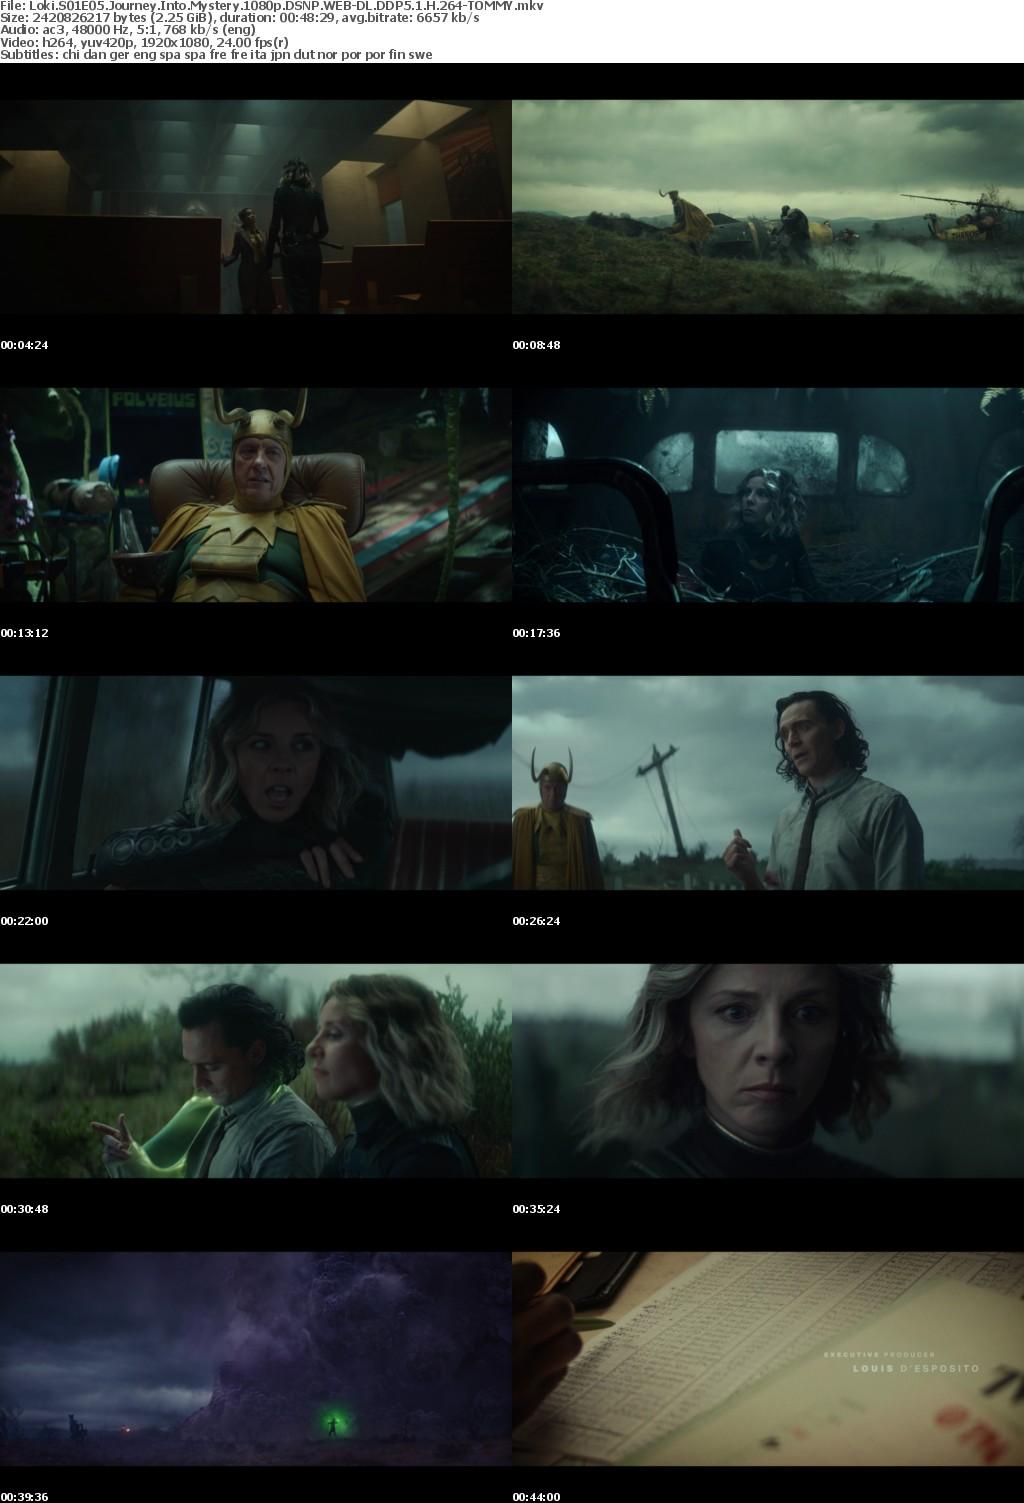 Loki S01E05 Journey Into Mystery 1080p DSNP WEBRip DDP5 1 x264-TOMMY